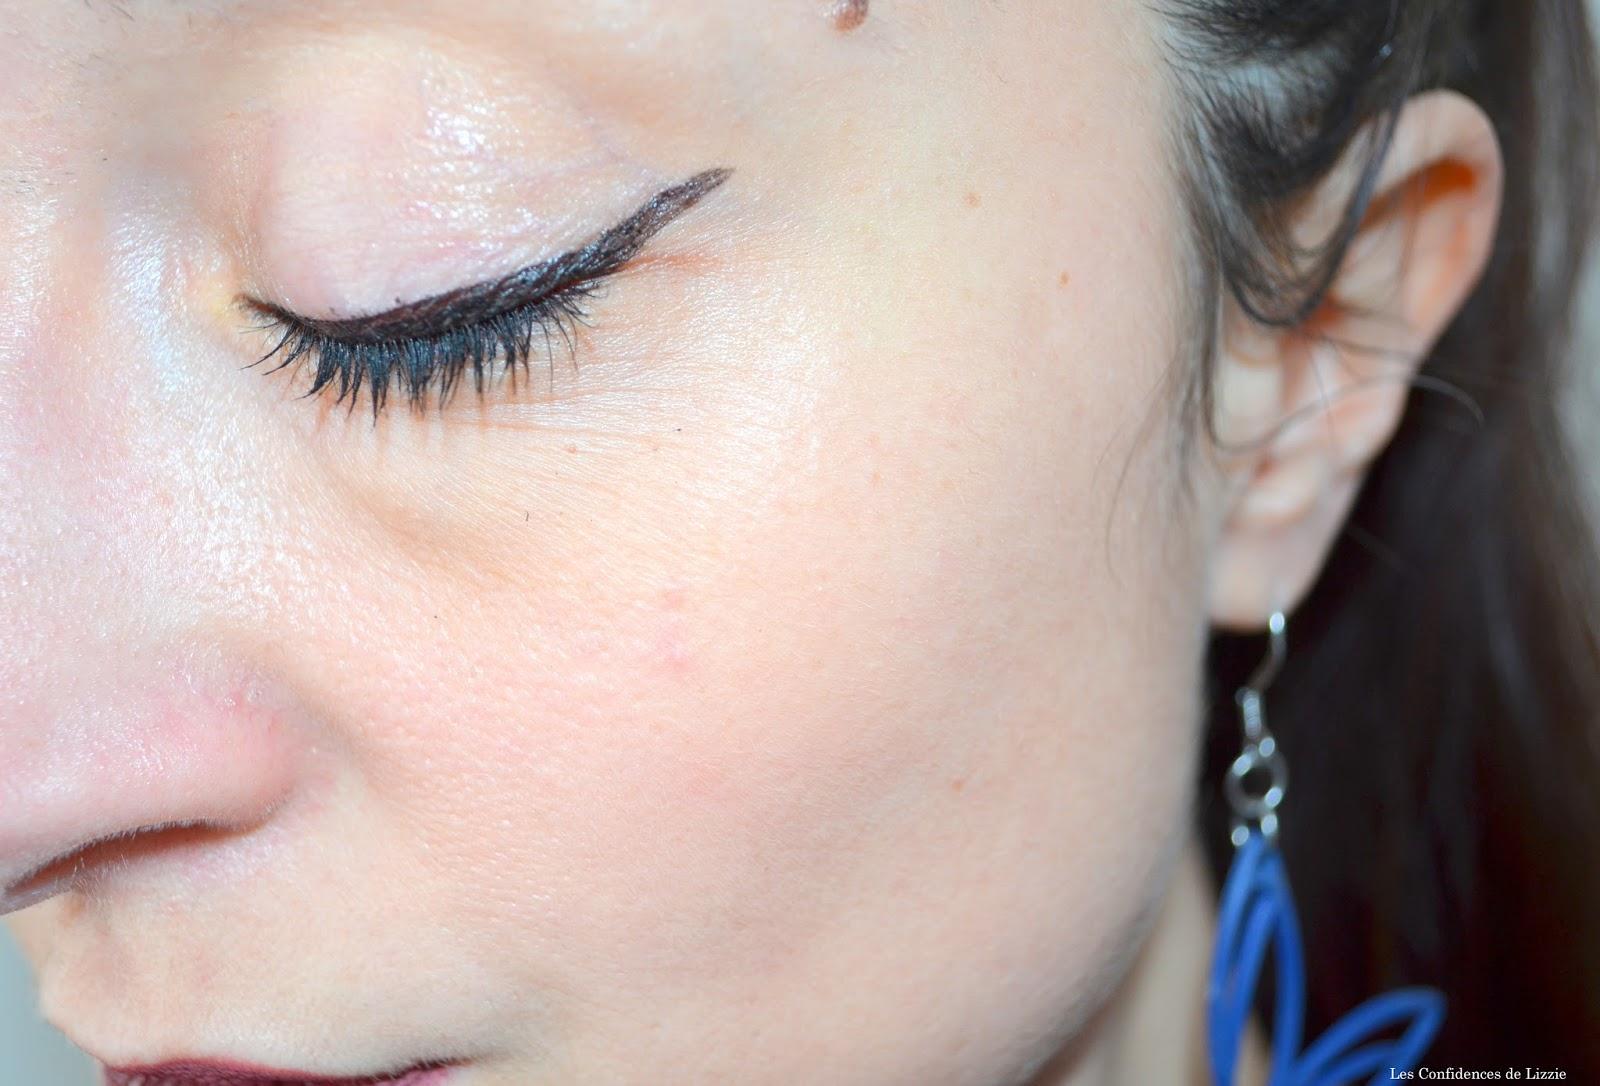 UNT skincare - soin - cosmétique - maquillage - marque coréenne - mascara - mascara accessible - mascara recourbant - mascara volume